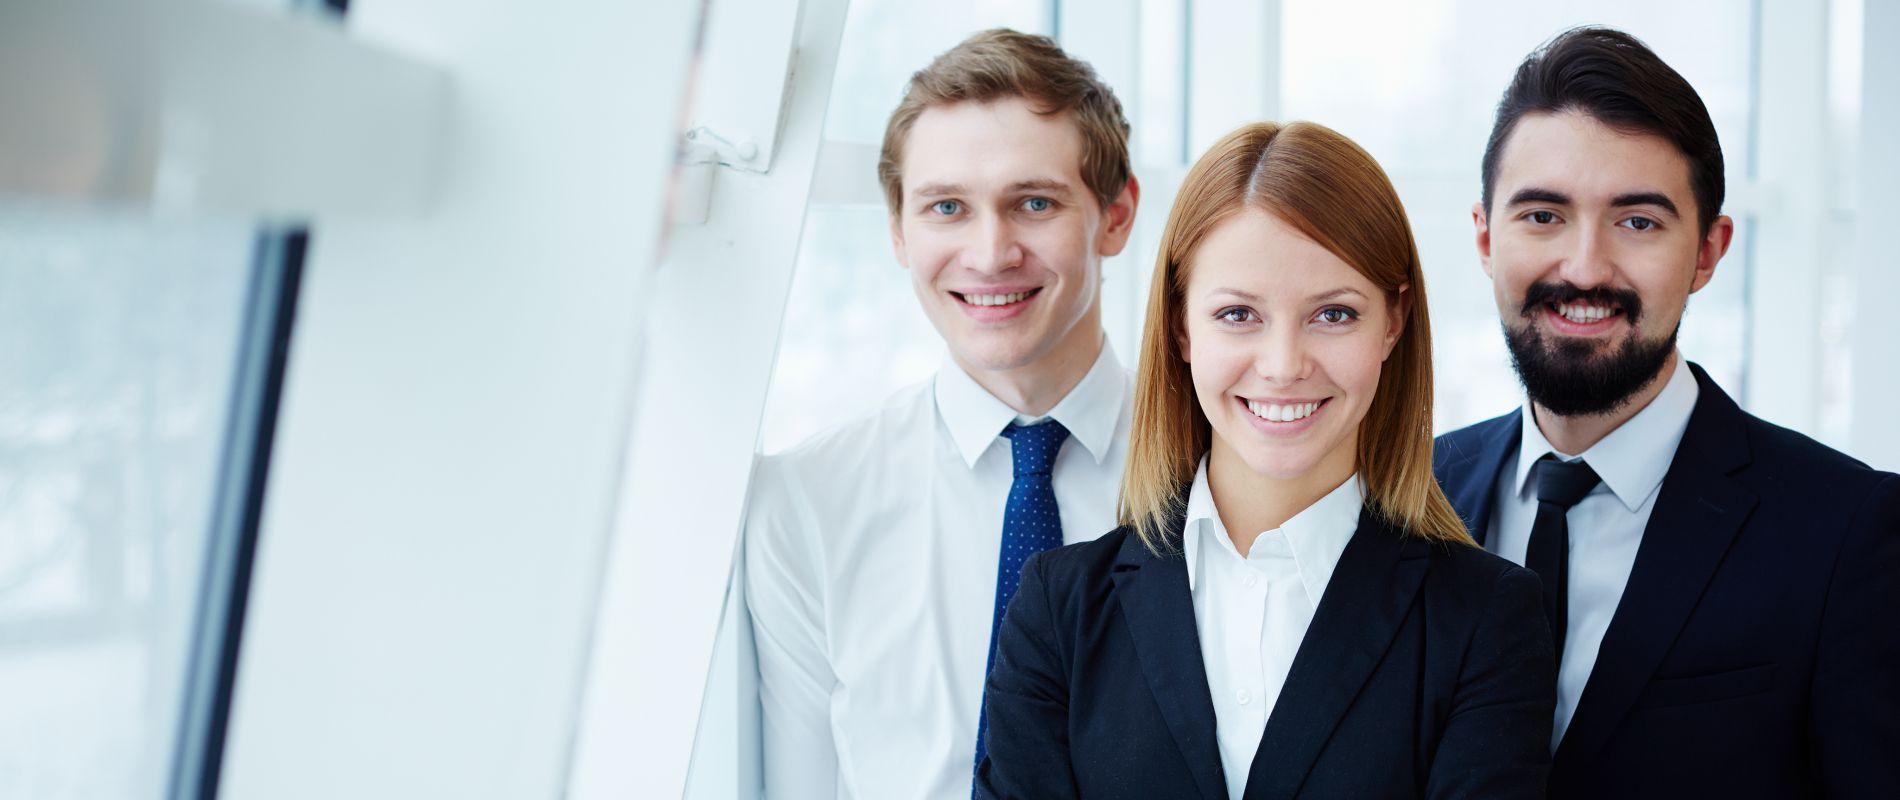 Consulter - Consultoria Especializada em Saúde